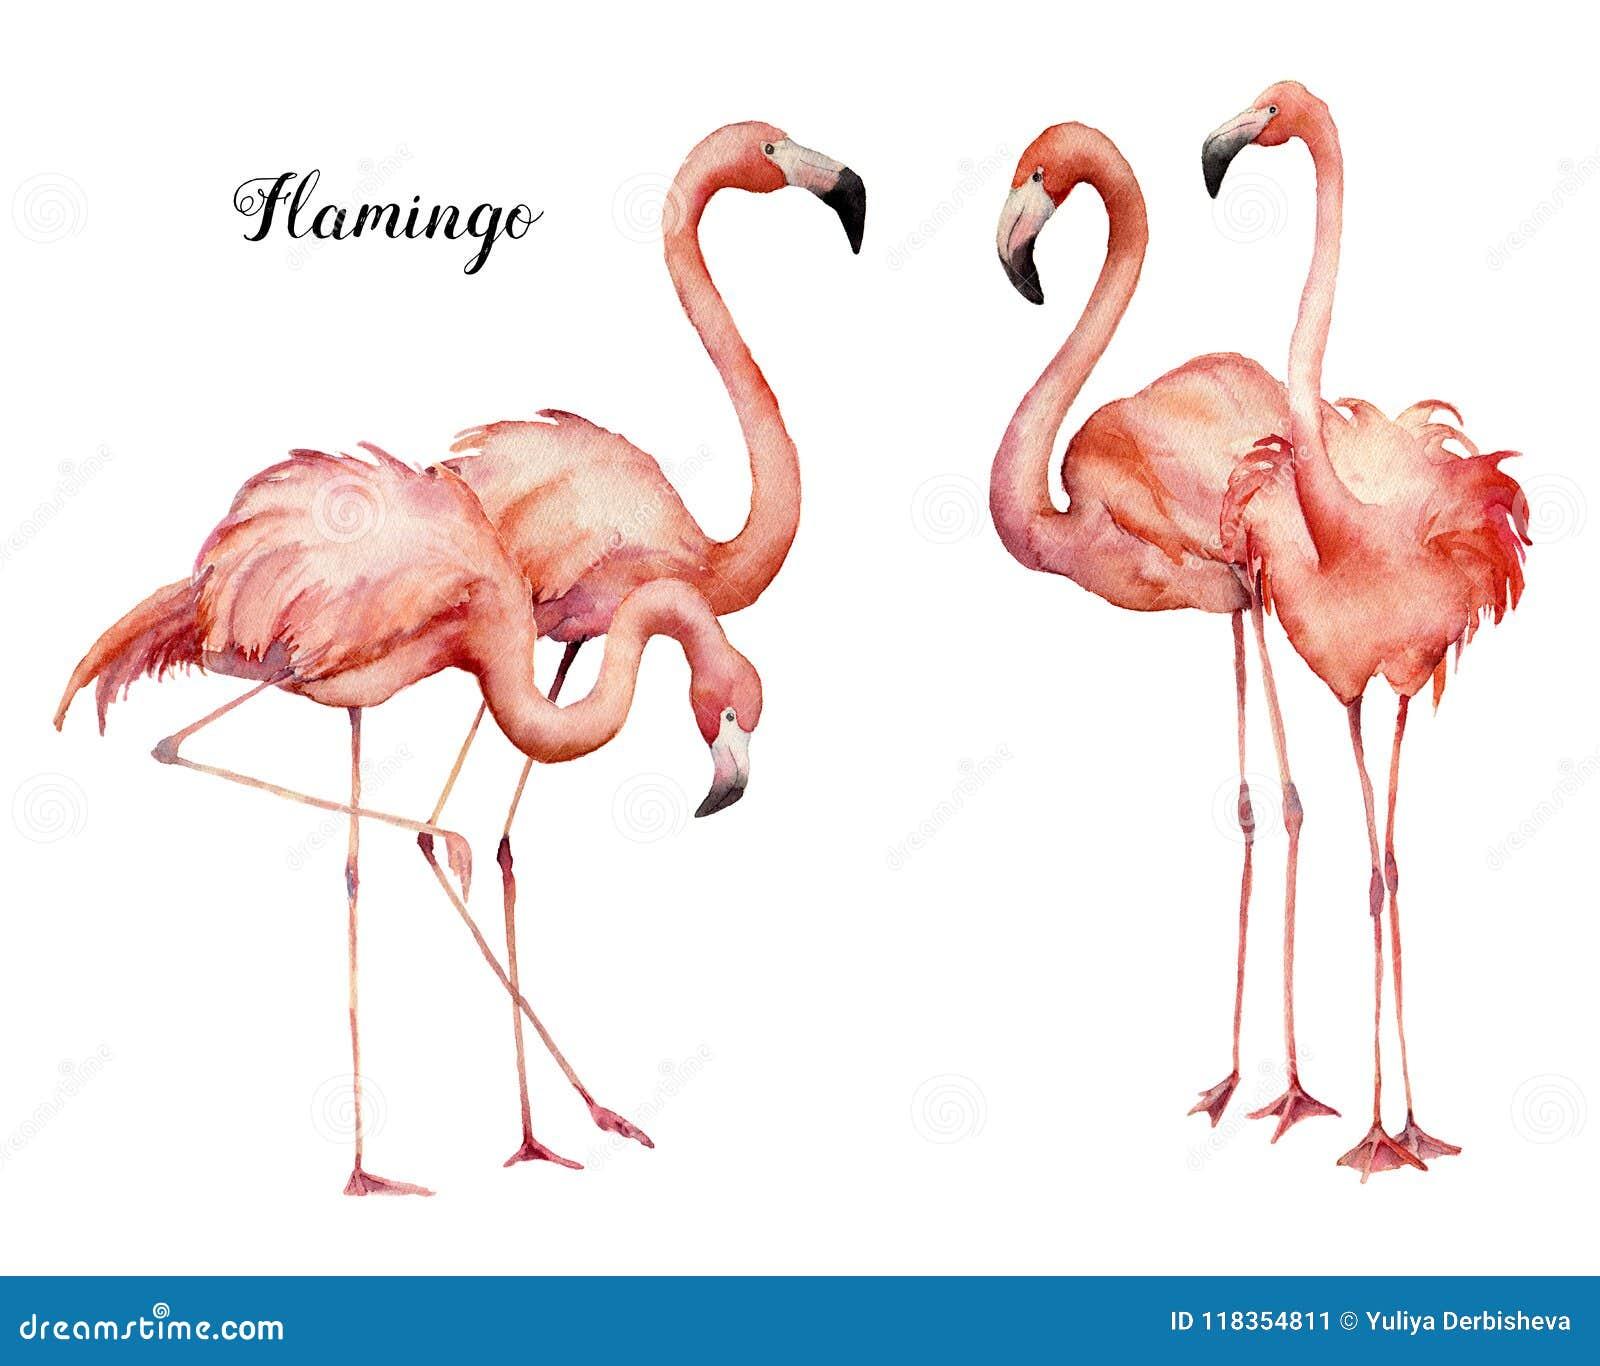 För rosa färgflamingo för vattenfärg fyra uppsättning för grupp Hand målade ljusa exotiska fåglar som isoleras på vit bakgrund wi